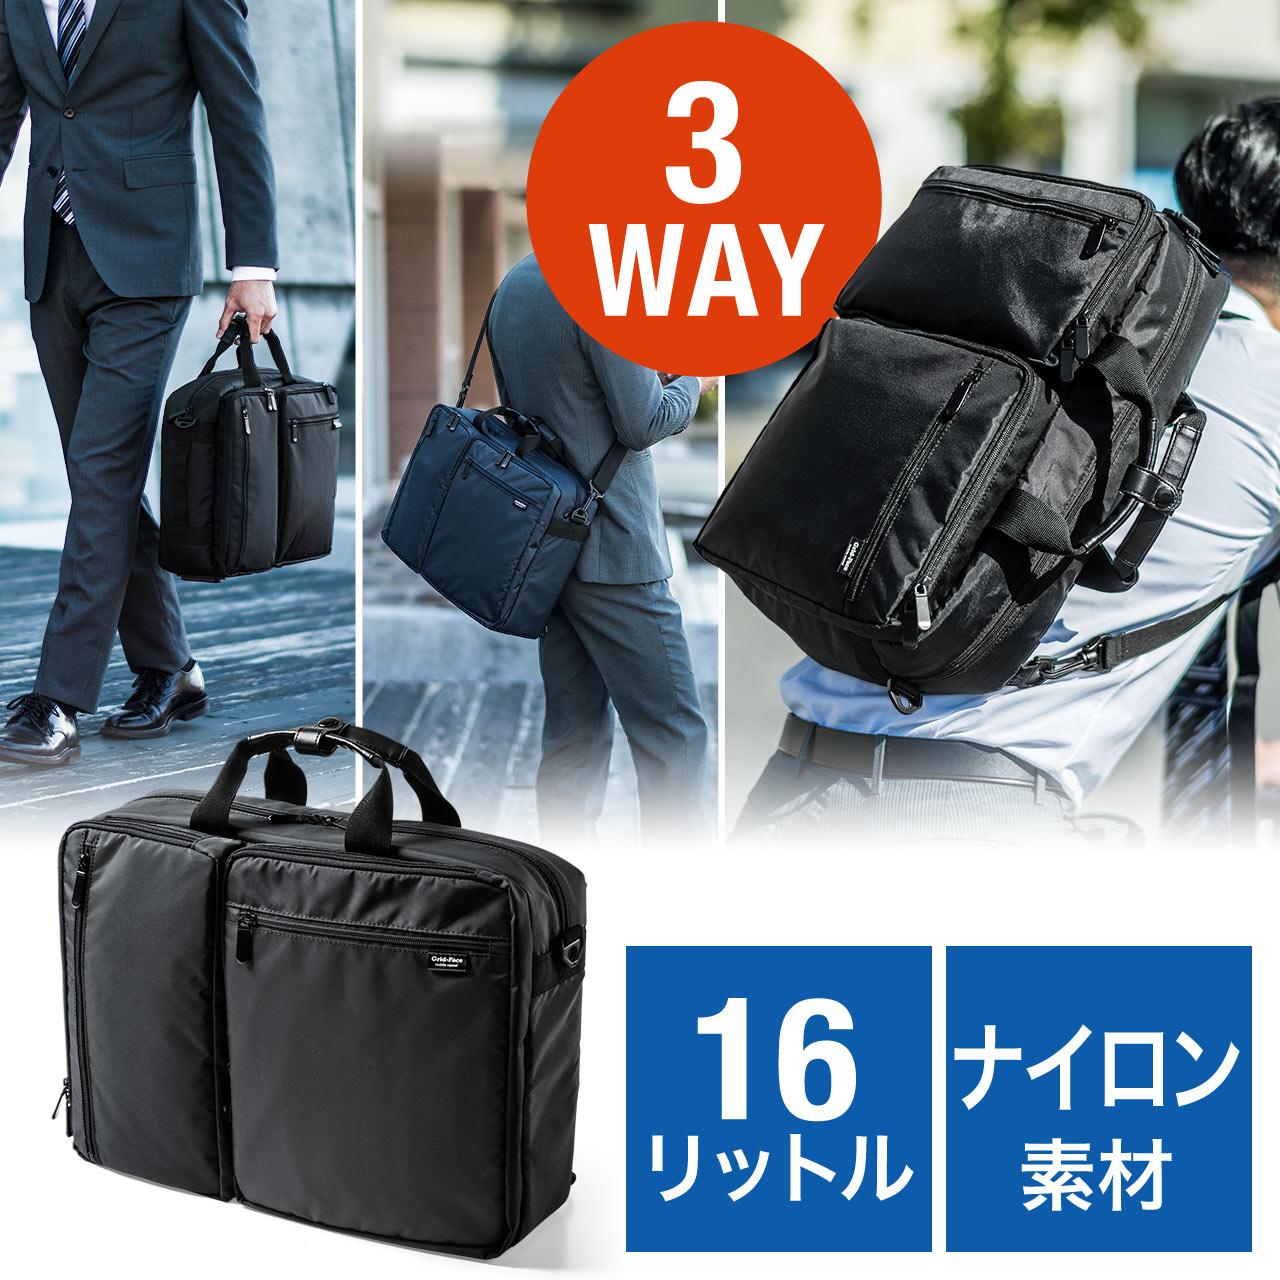 日本SANWA轻量笔记本电脑包手提/单双肩3WAY轻便尼龙商务男士背包